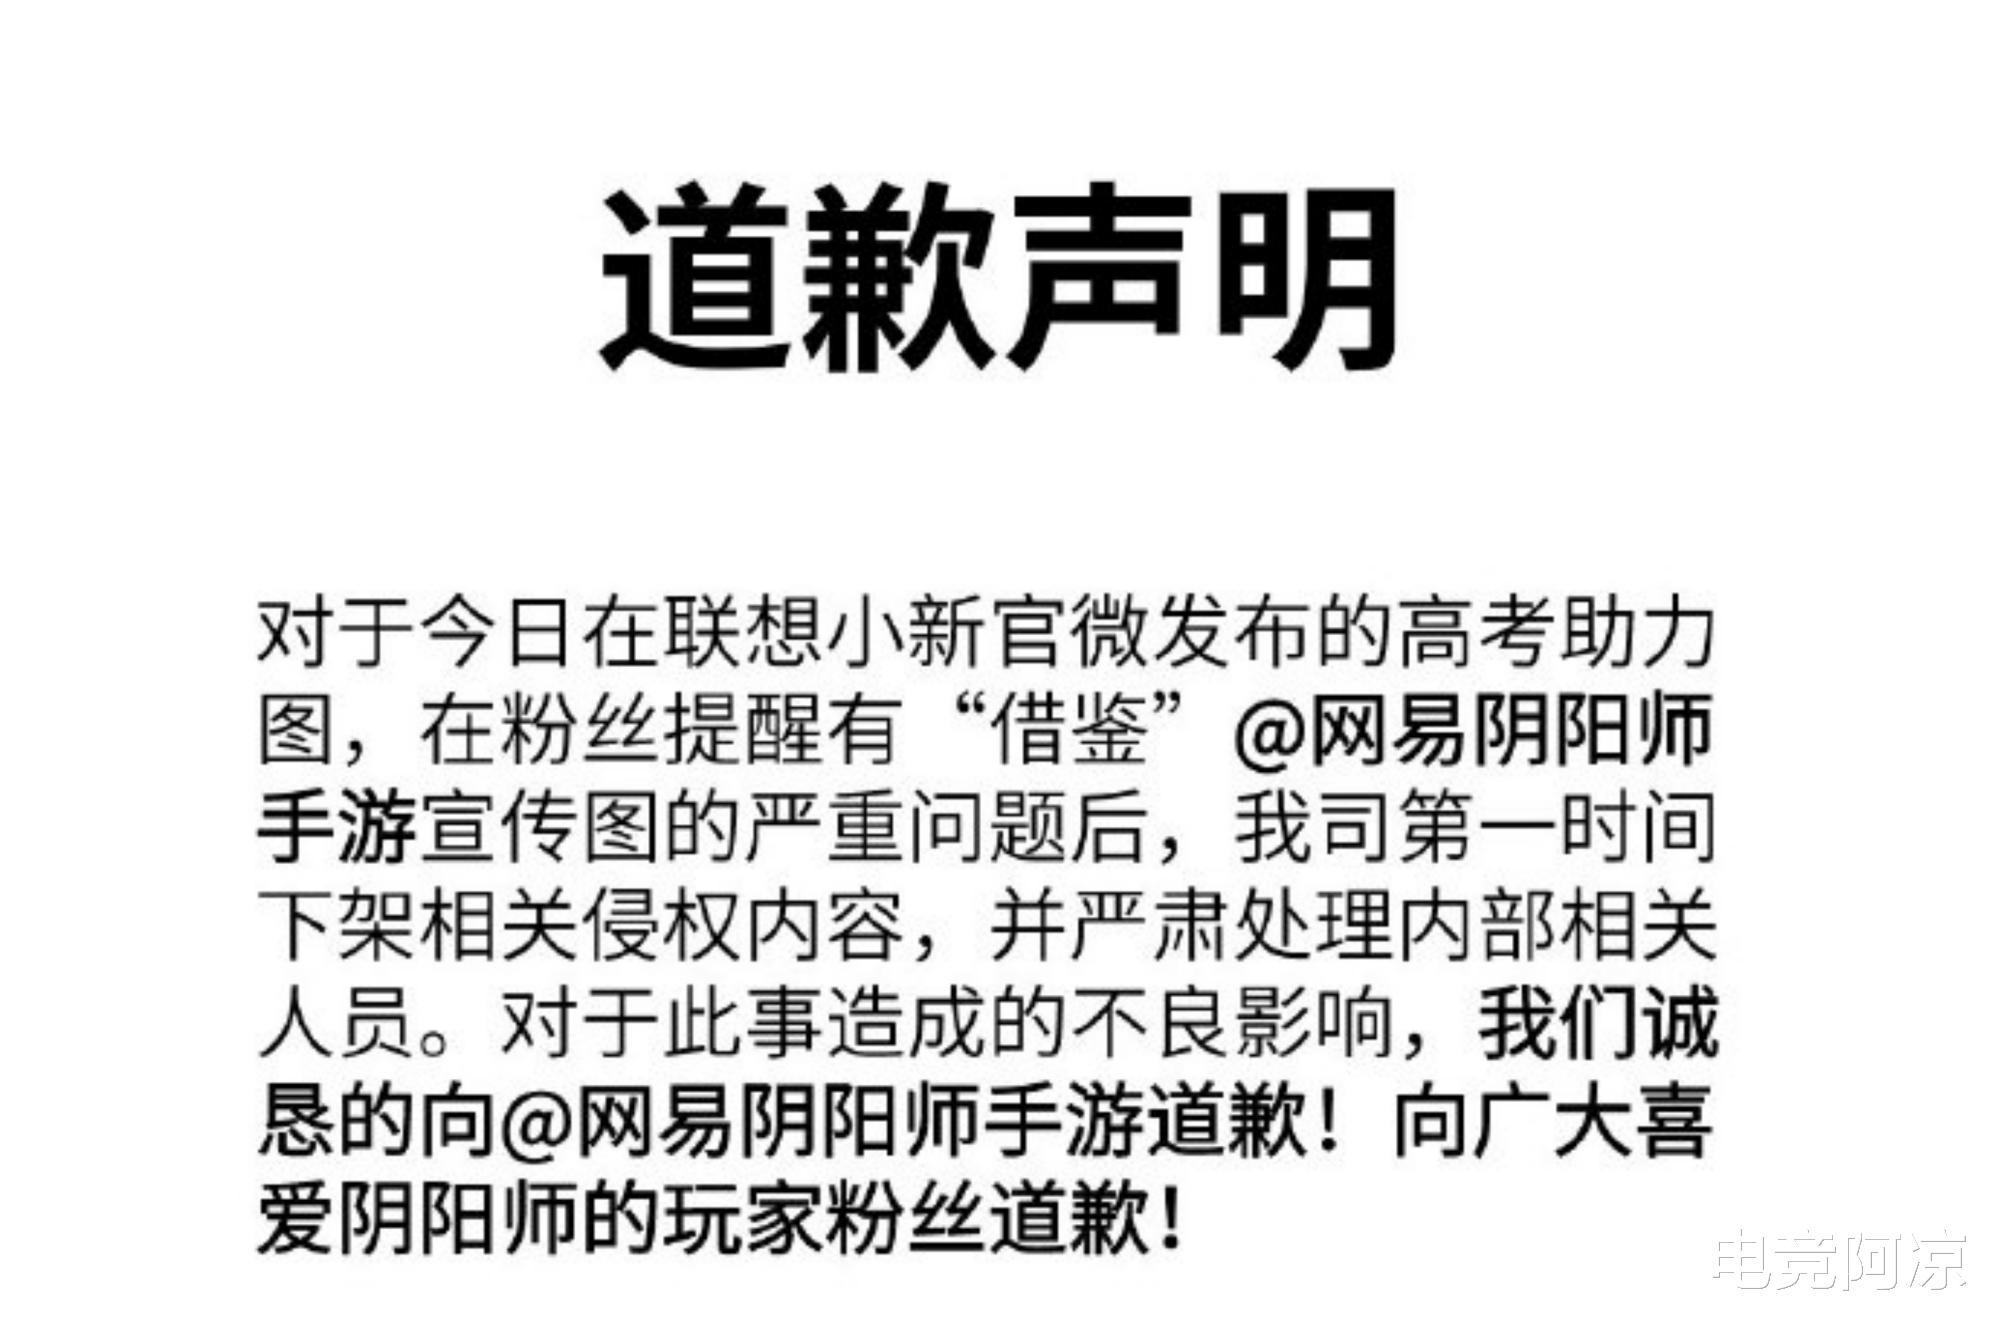 《【煜星平台官网注册】阴阳师:魔幻事件又来了,缘结神海报遭联想抄袭?结局太突然》